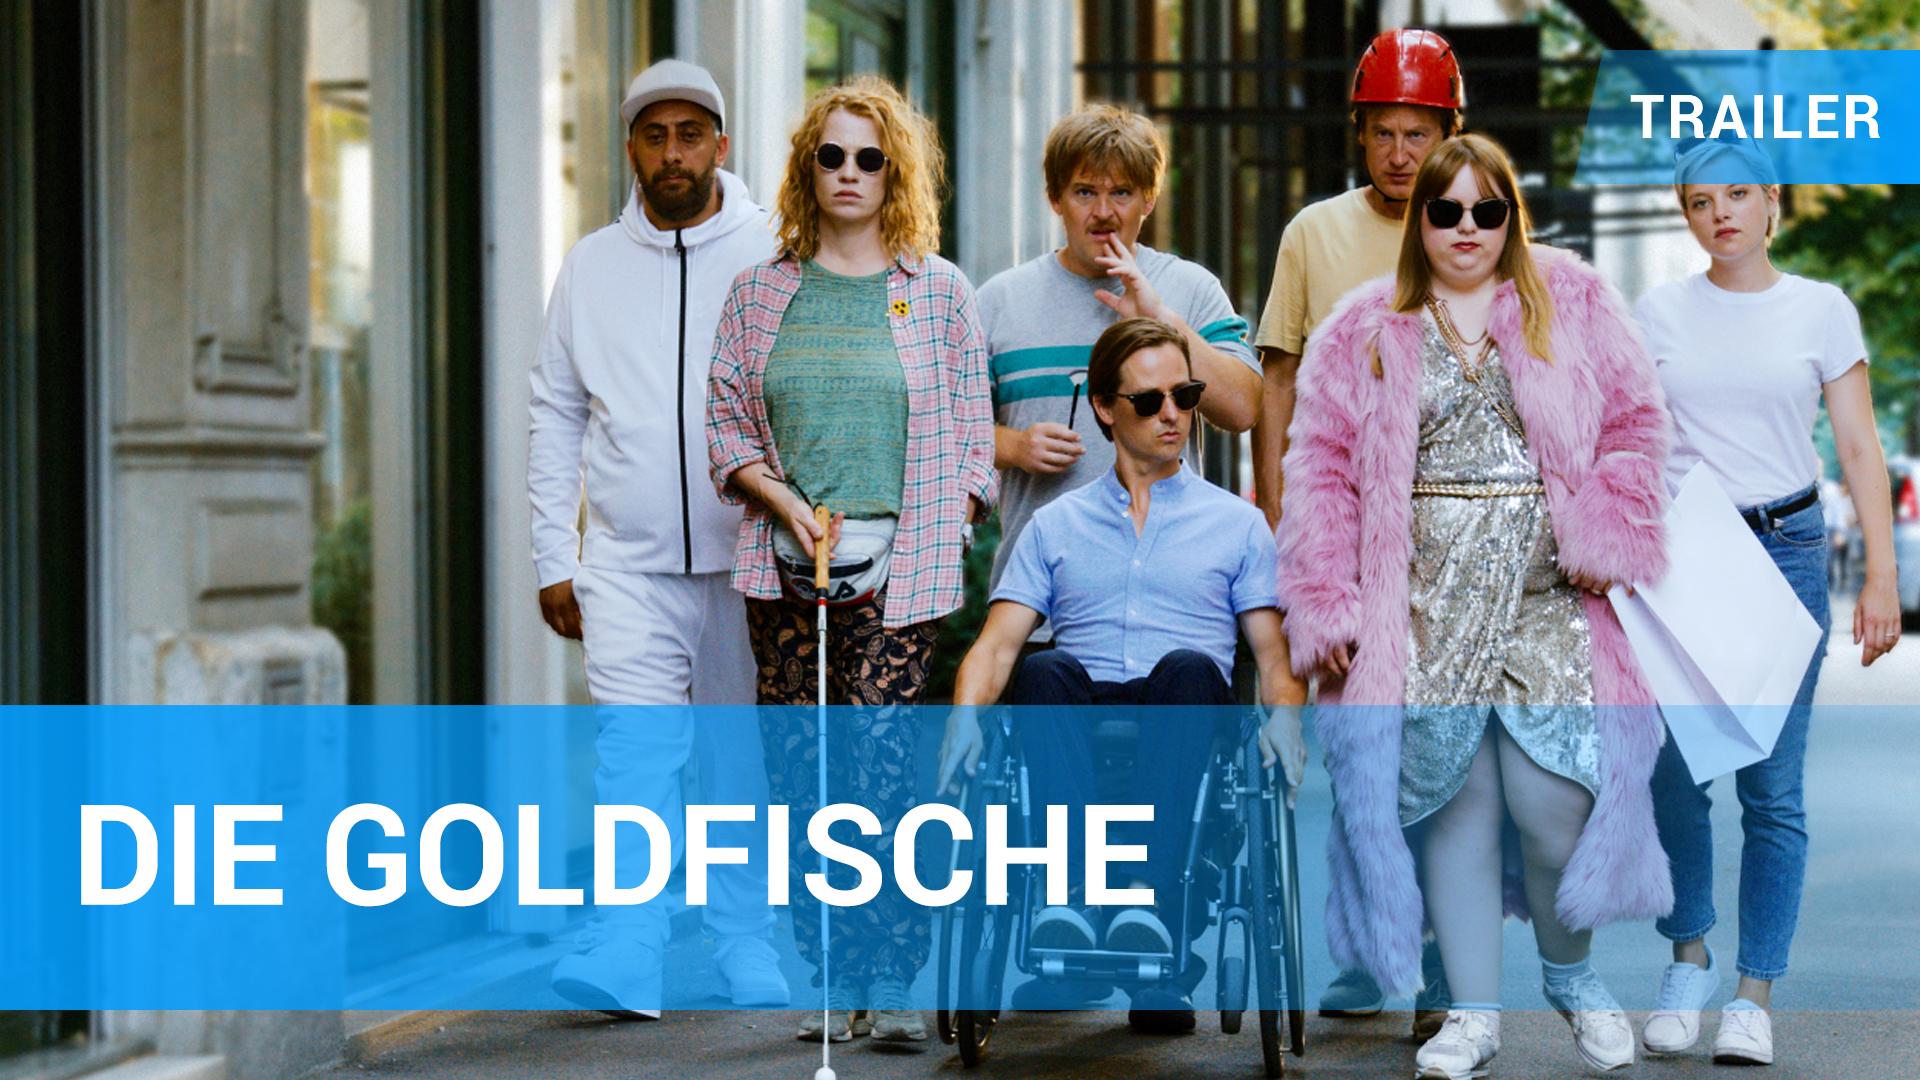 Die Goldfische Film 2019 Trailer Kritik Kinode